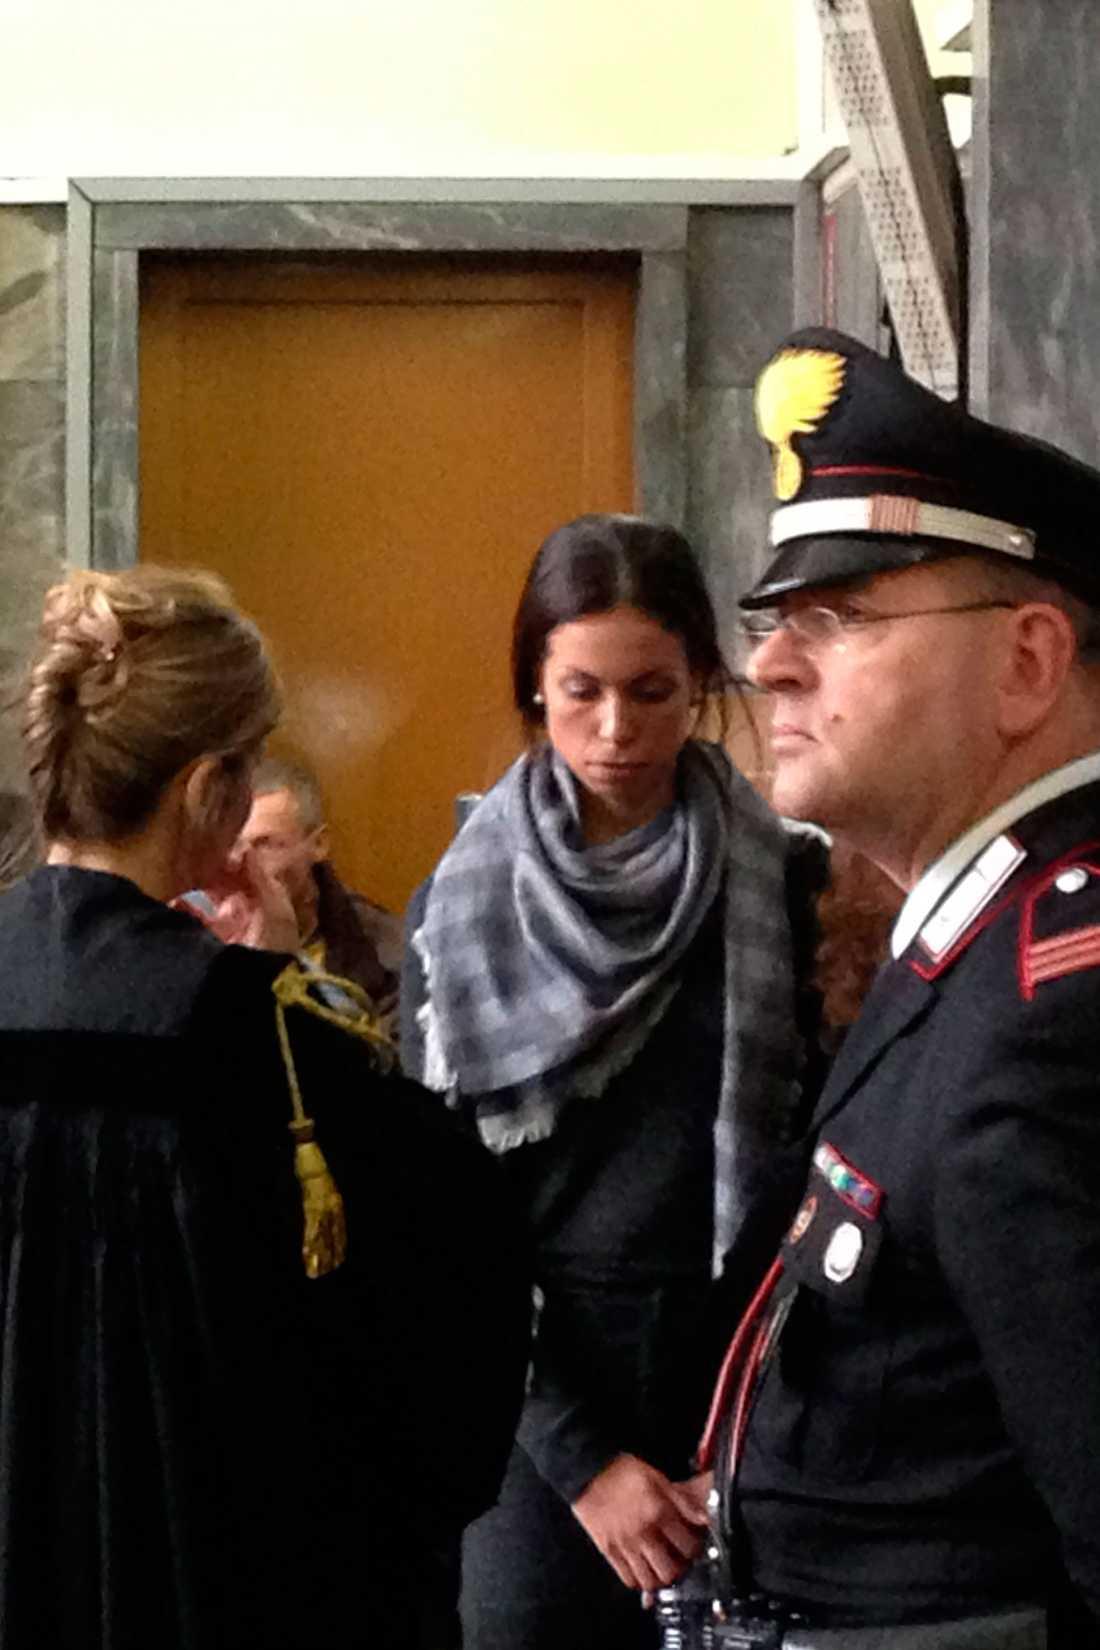 BERÄTTADE OM BUNGA-BUNGAPARTYN Marockofödda Karima El-Mahroug, kallade Ruby, i en paus i rättegången mot förre italienske premiärminister Silvio Berlusconi. Det var första gången hon vittnade om hur det gick till på hans bunga-bungapartyn.